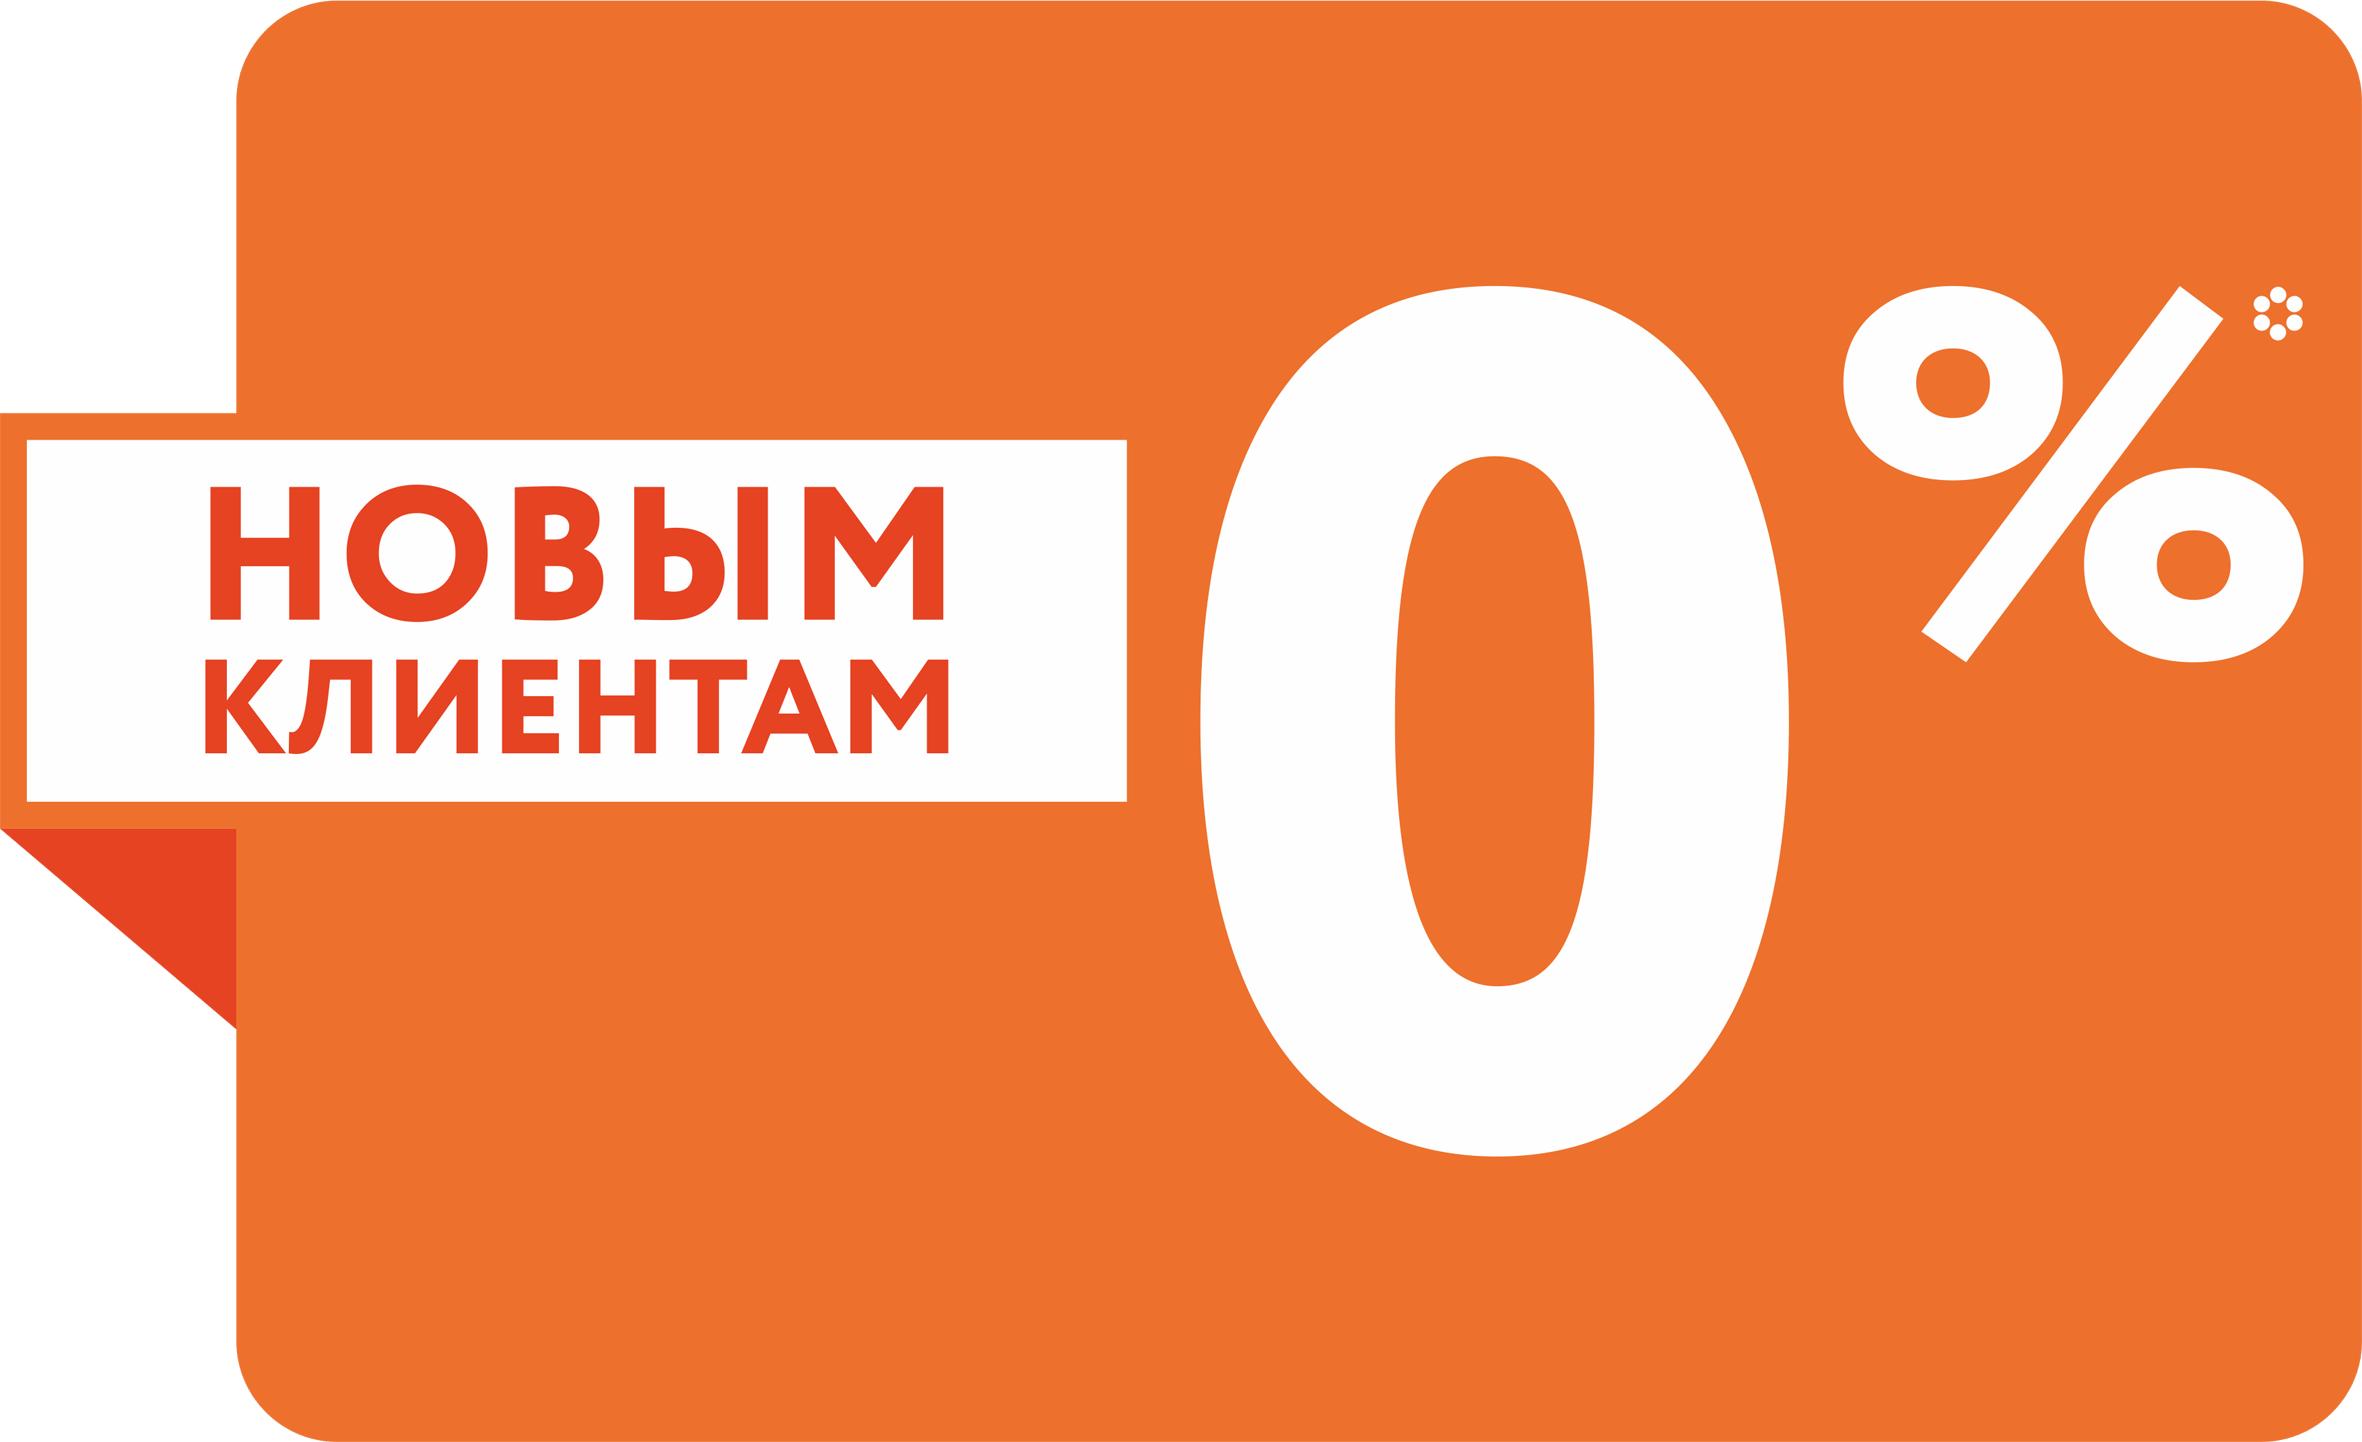 zajm-pervyj-bez-procentov_2